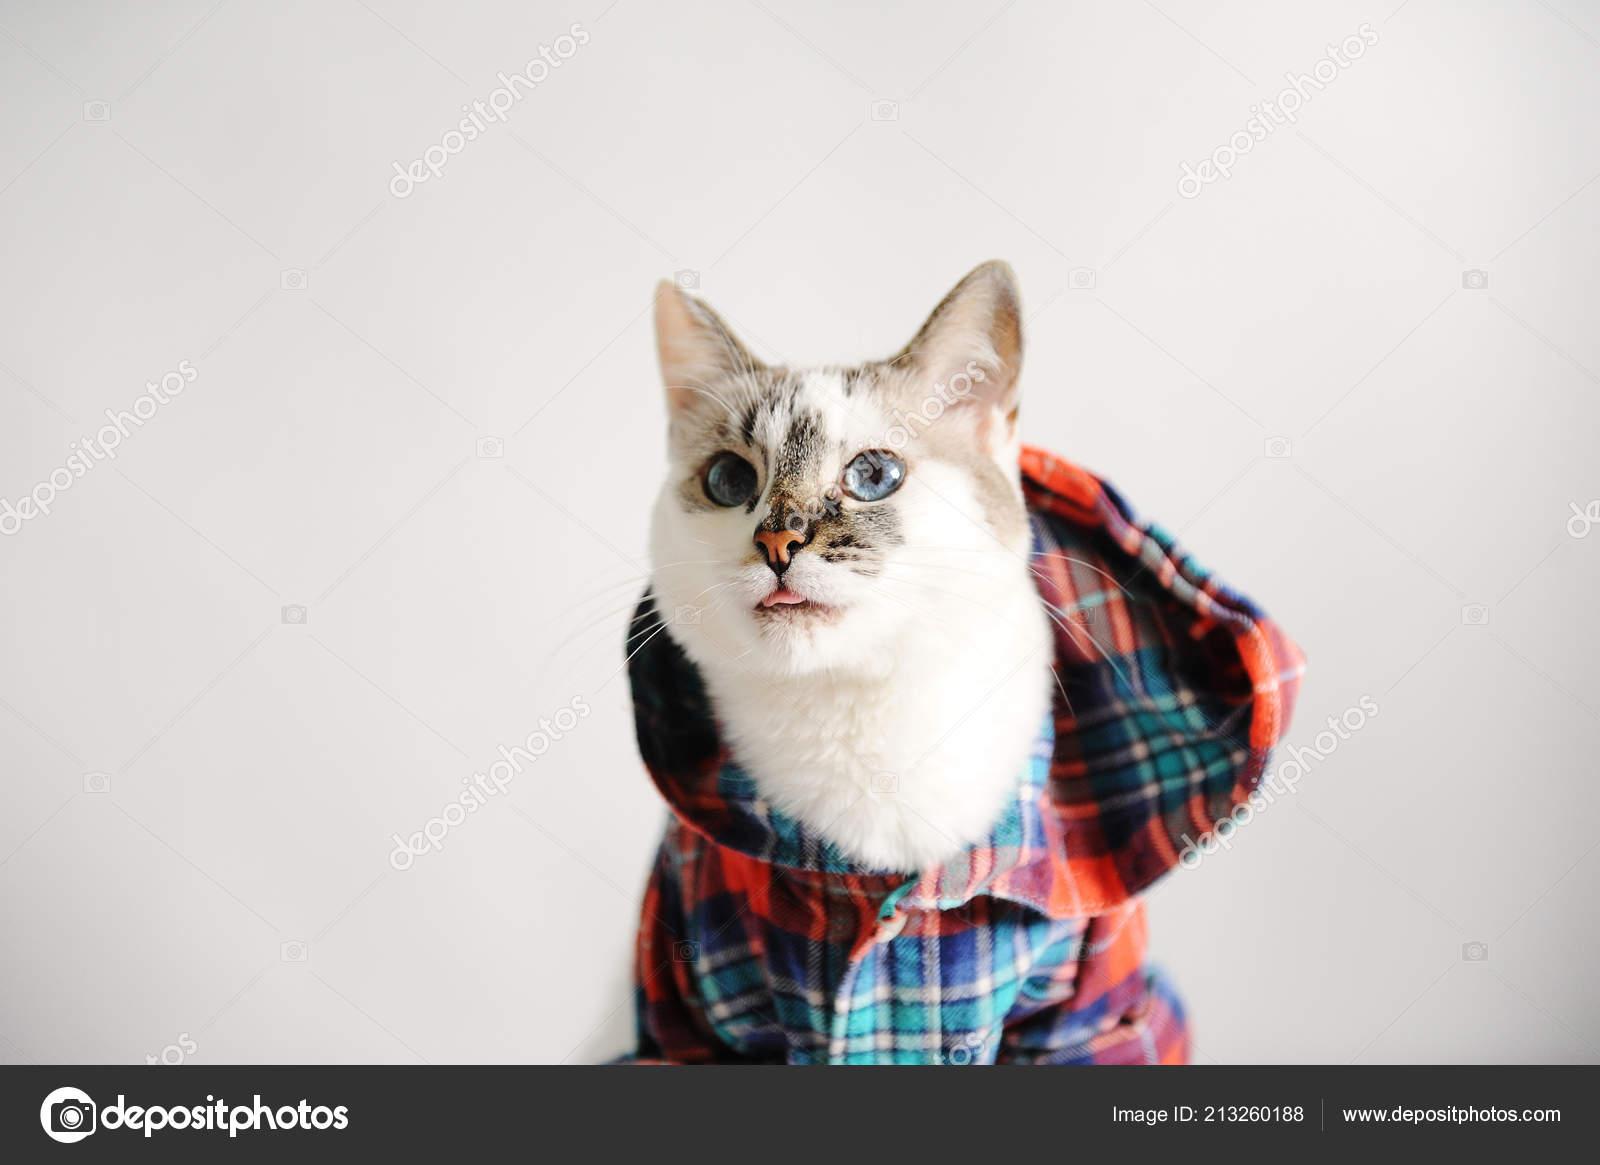 Gatto Dagli Occhi Azzurri Lanuginoso Bianco In Una Camicia A Quadri